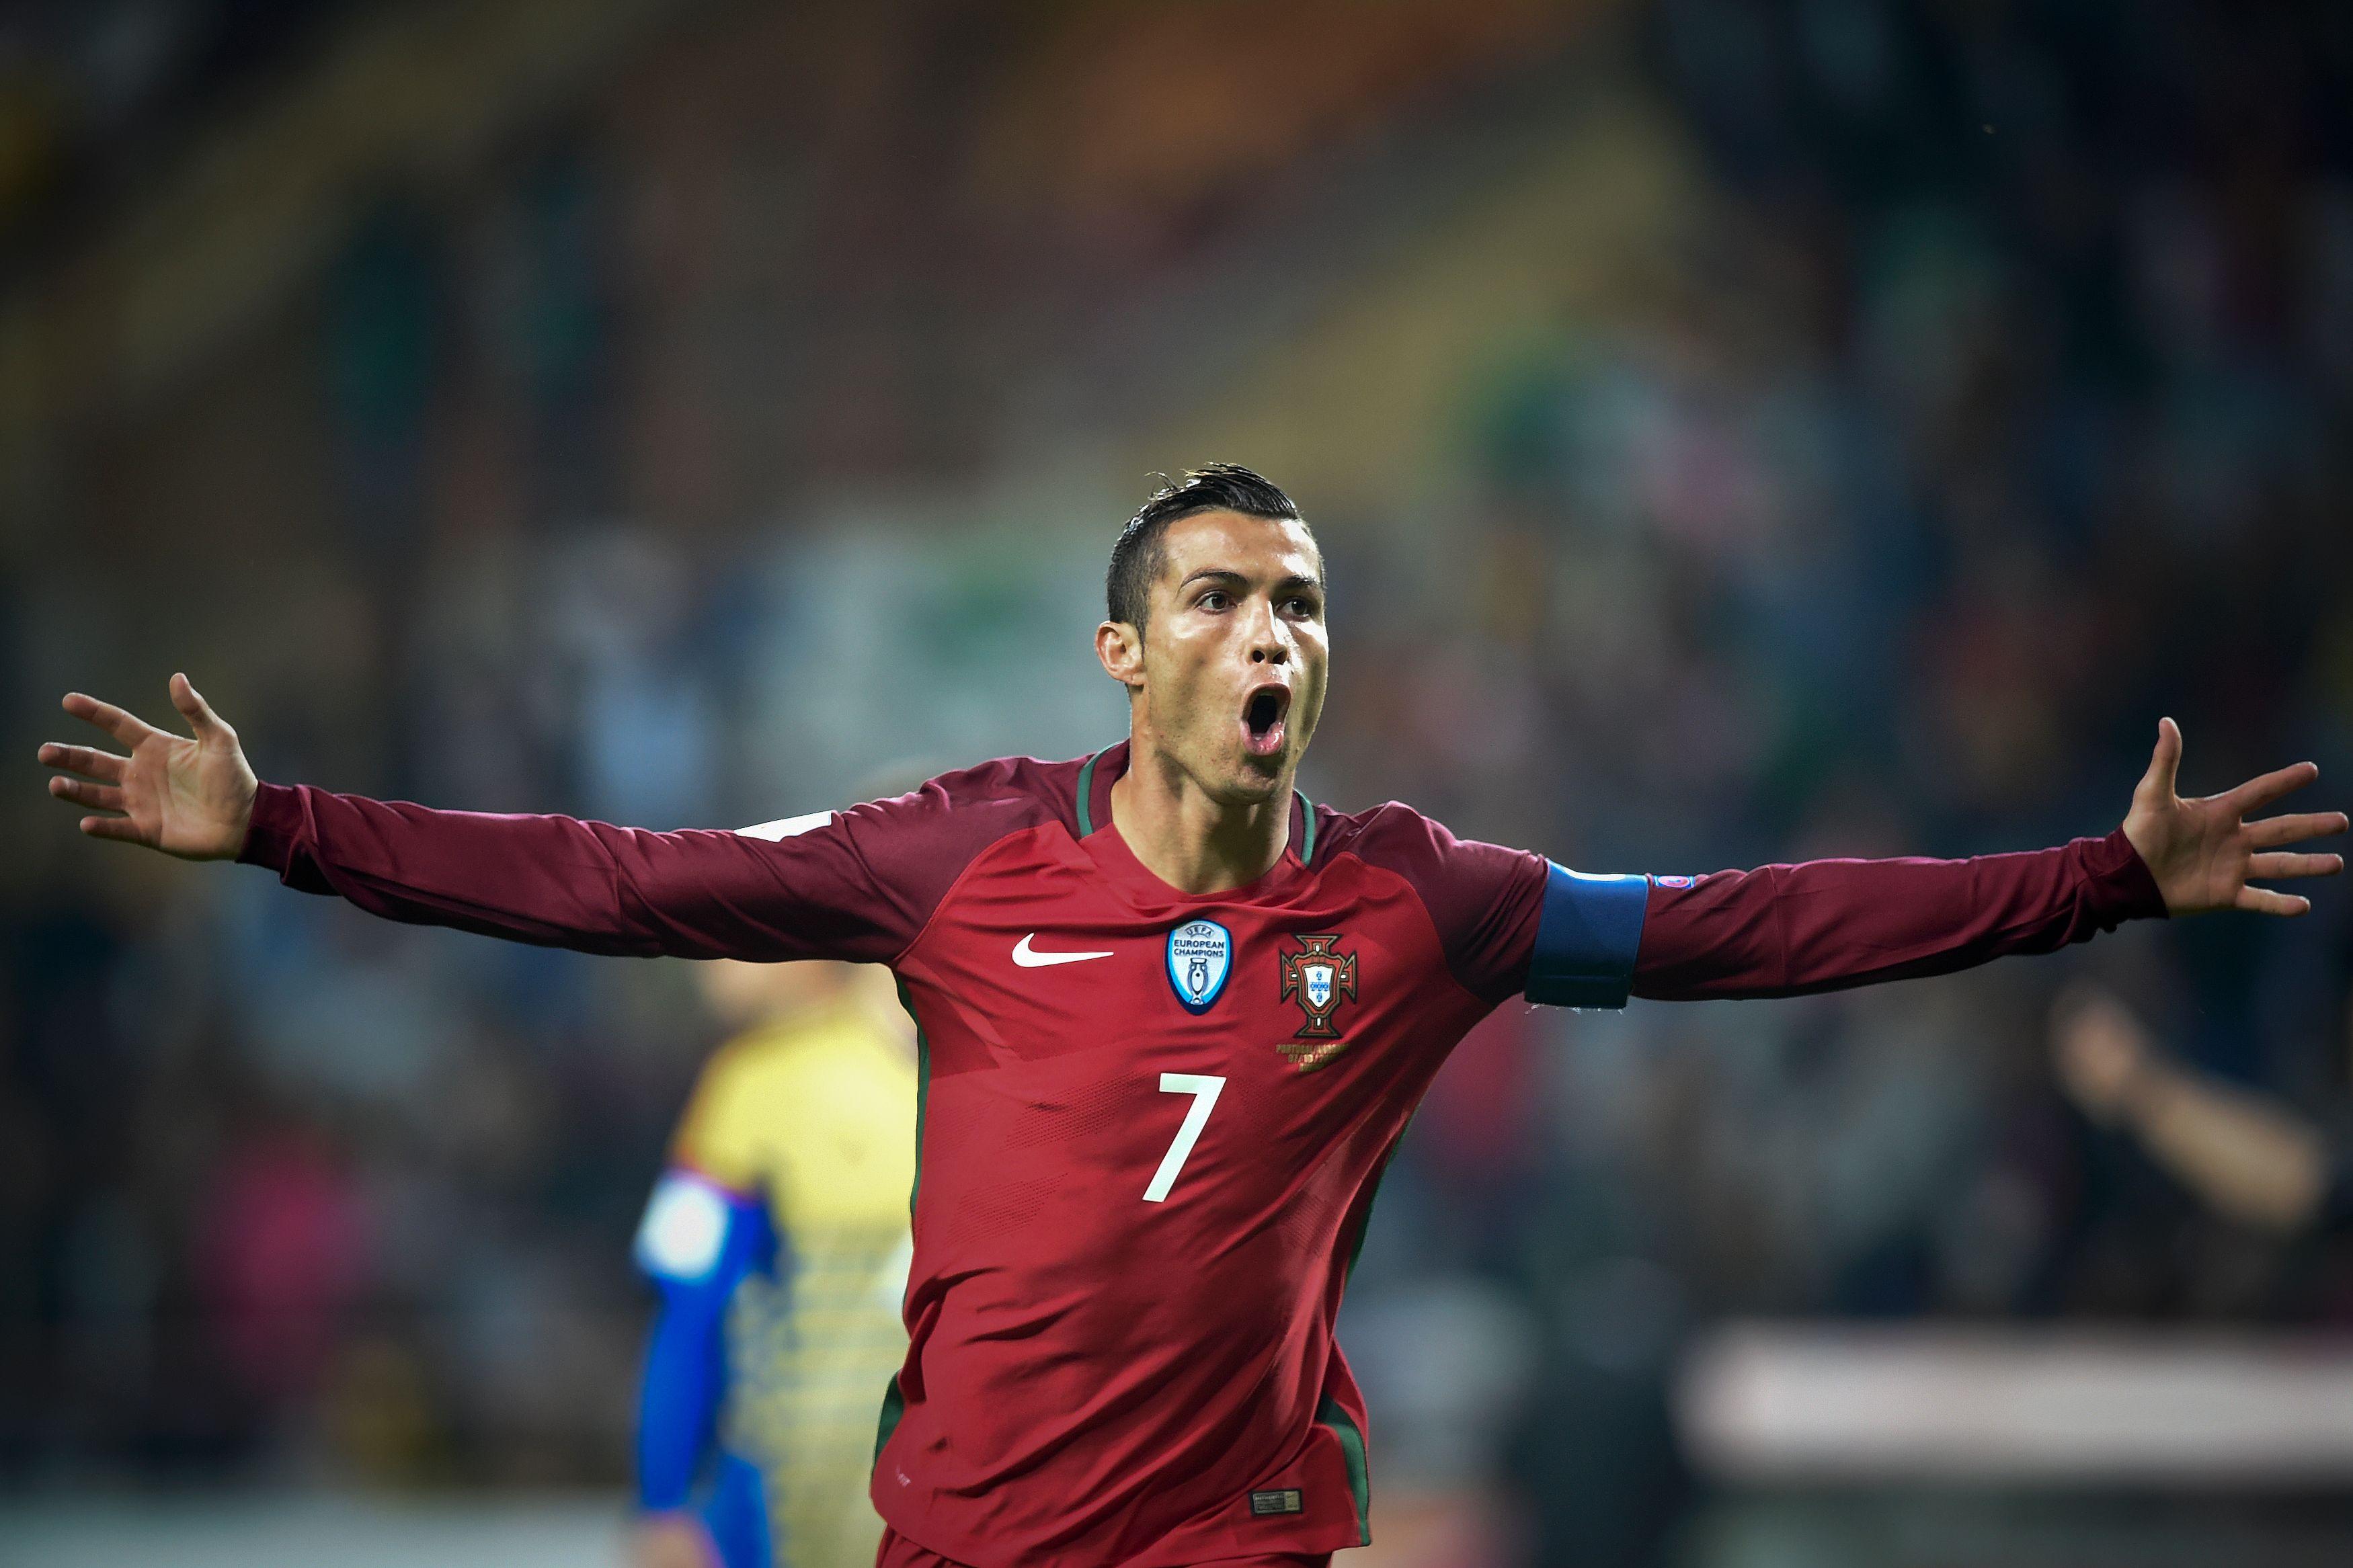 葡萄牙队球员克·罗纳尔多在比赛中庆祝进球